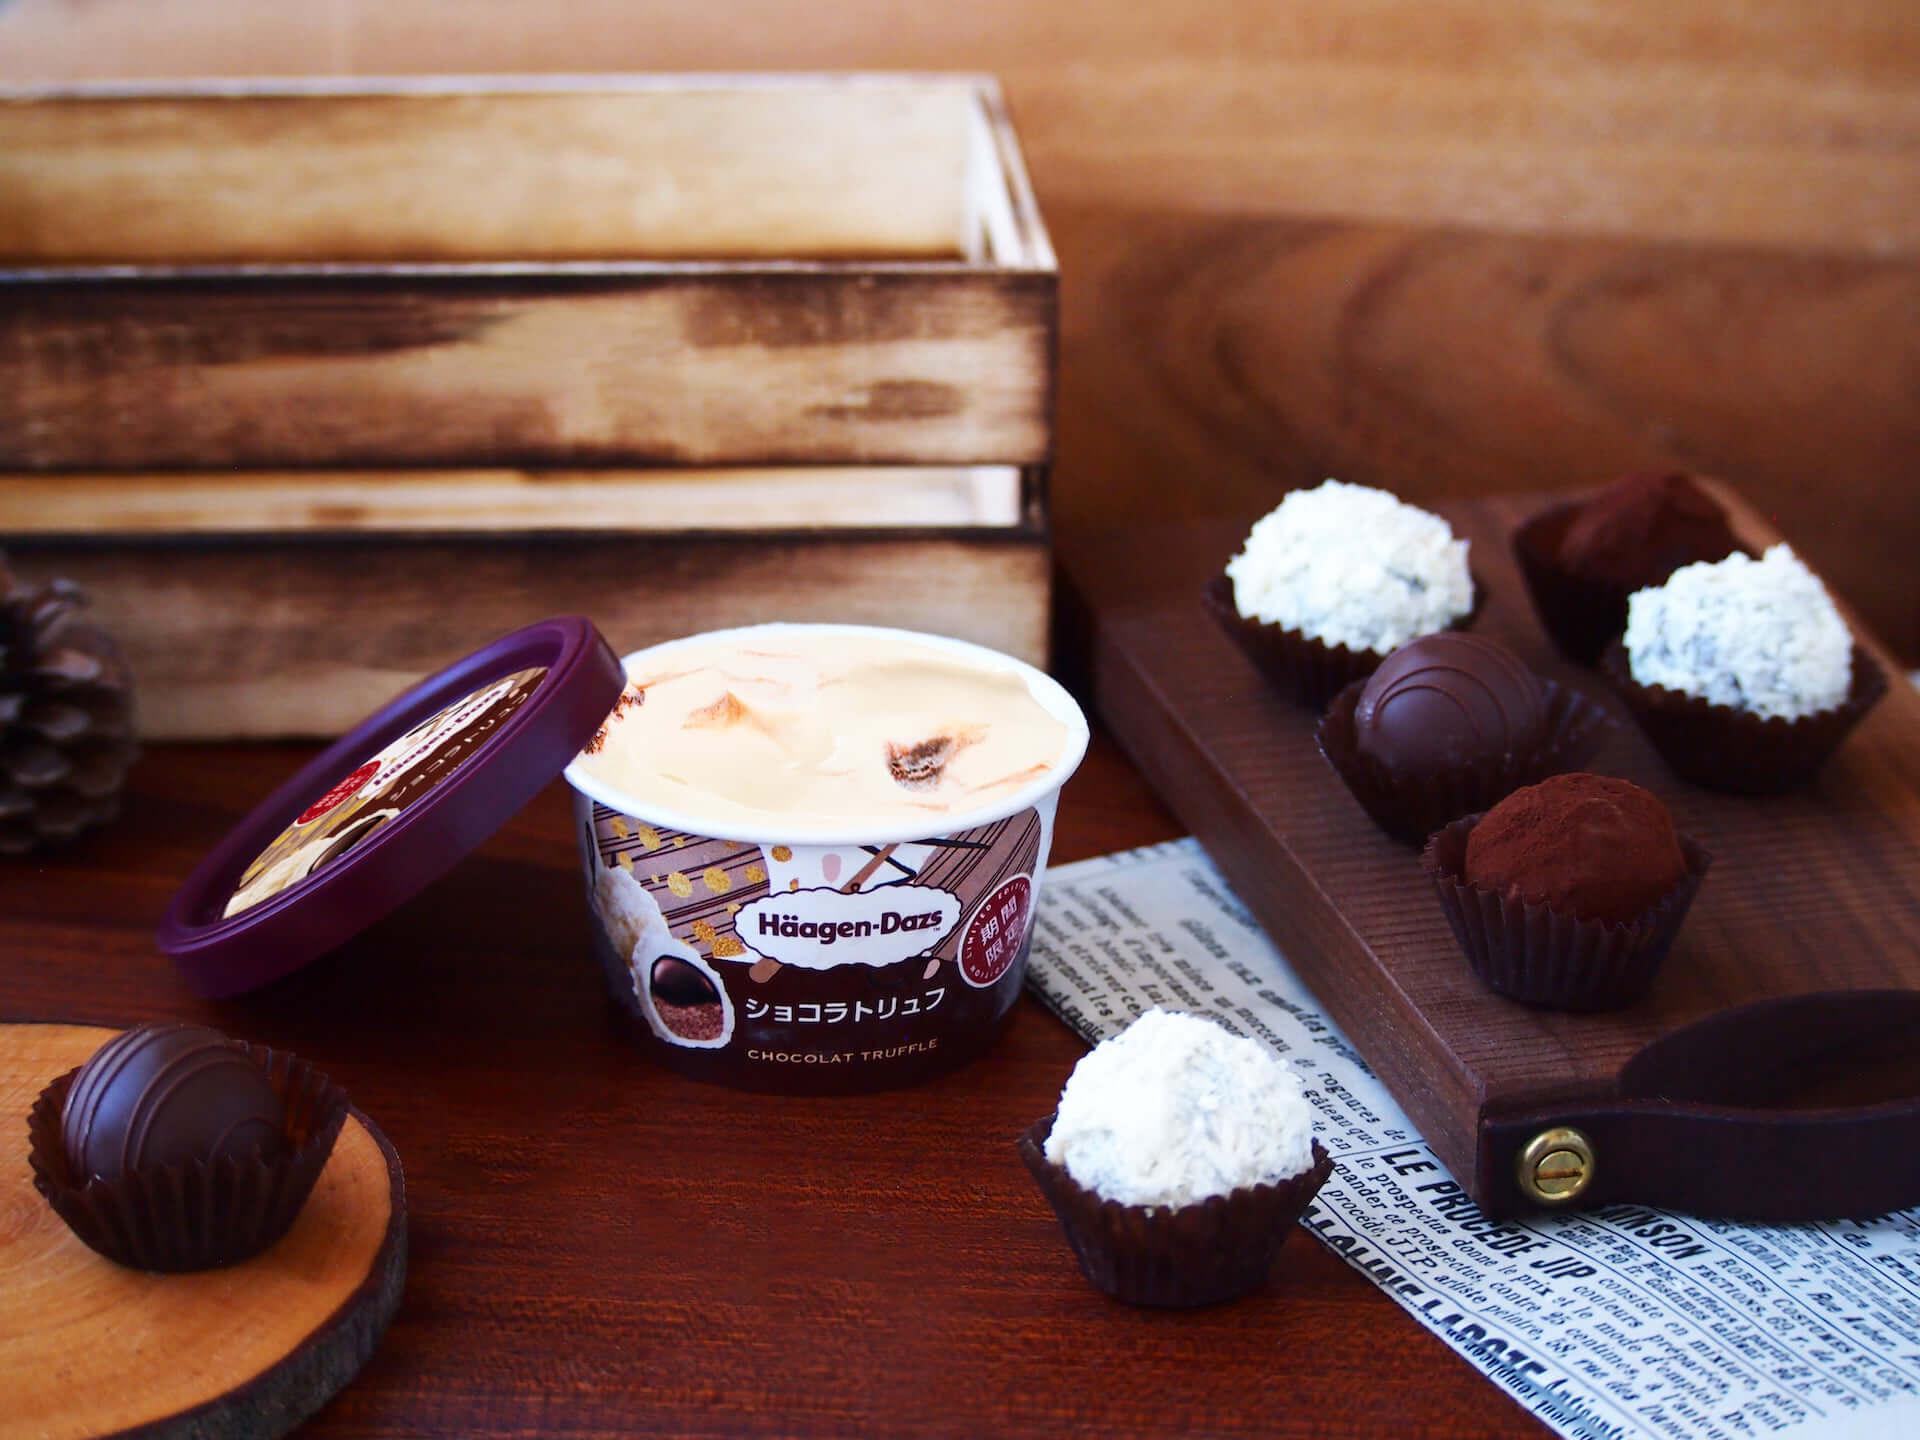 ハーゲンダッツから3種のチョコレートを使用したミニカップ『ショコラトリュフ』が登場!アイスクリーム詰め合わせが当たるキャンペーンも実施 gourmet201116_haagen-dazs_3-1920x1440